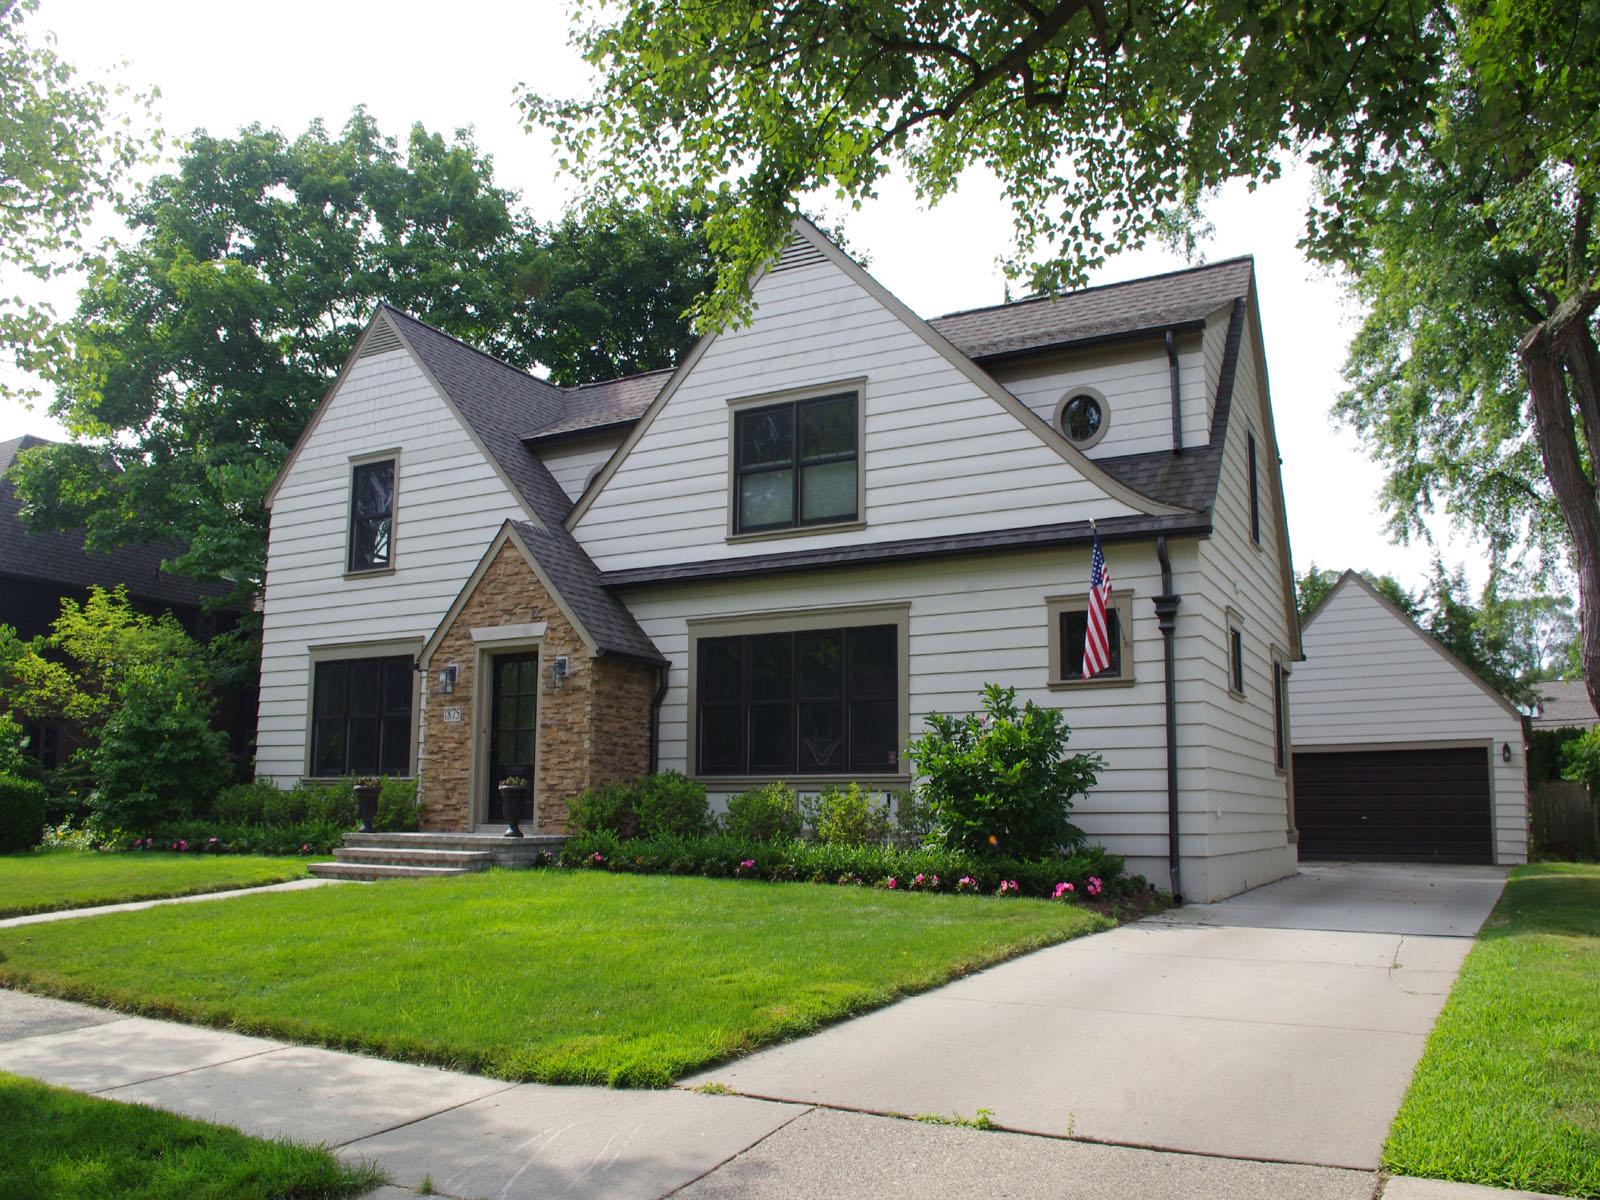 独户住宅 为 销售 在 Birmingham 1875 Winthrop Lane Birmingham, 密歇根州 48009 美国